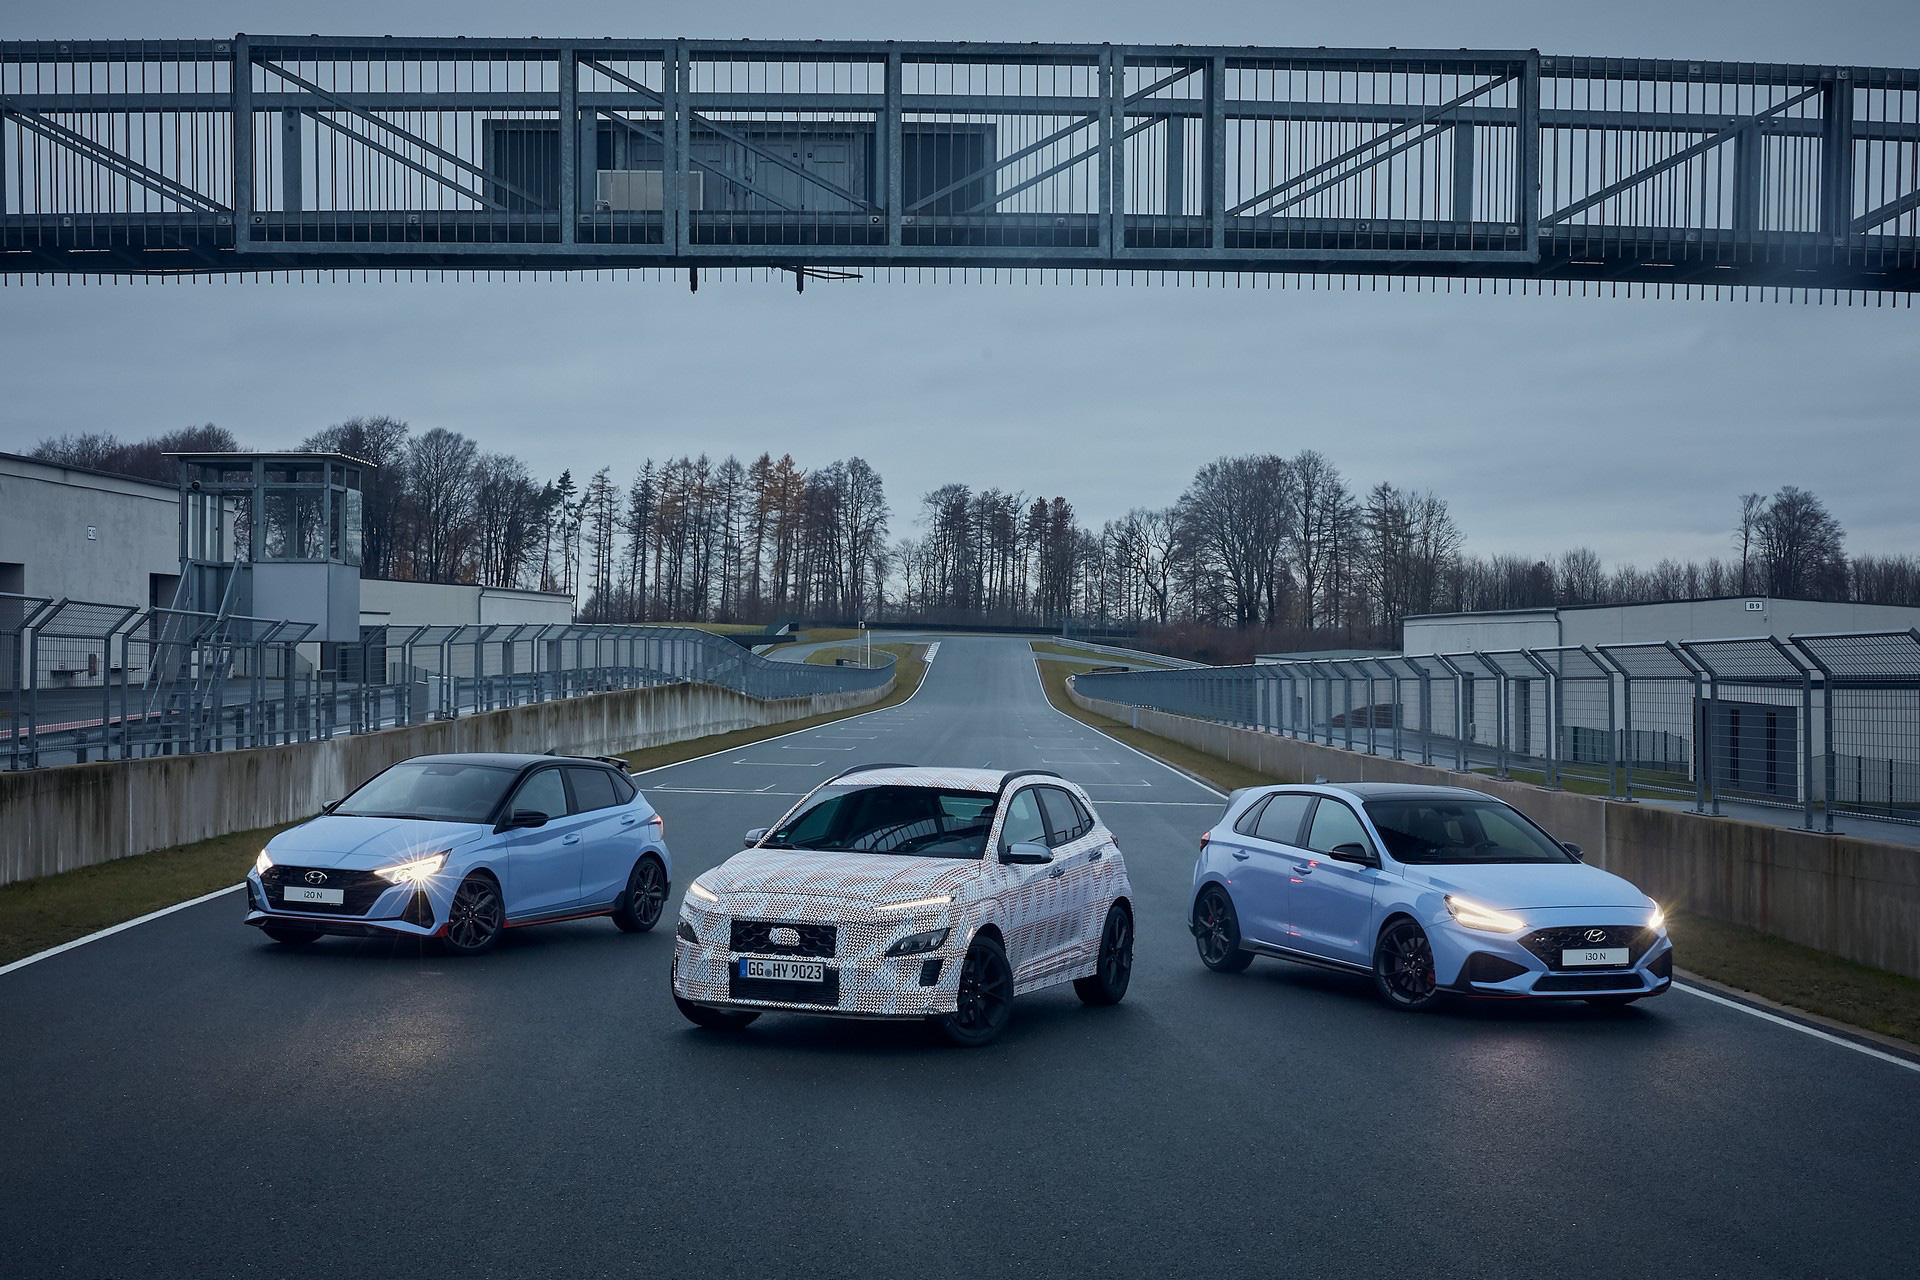 Hyundai lại nhá hàng Kona N, xác nhận động cơ và hộp số sử dụng-2